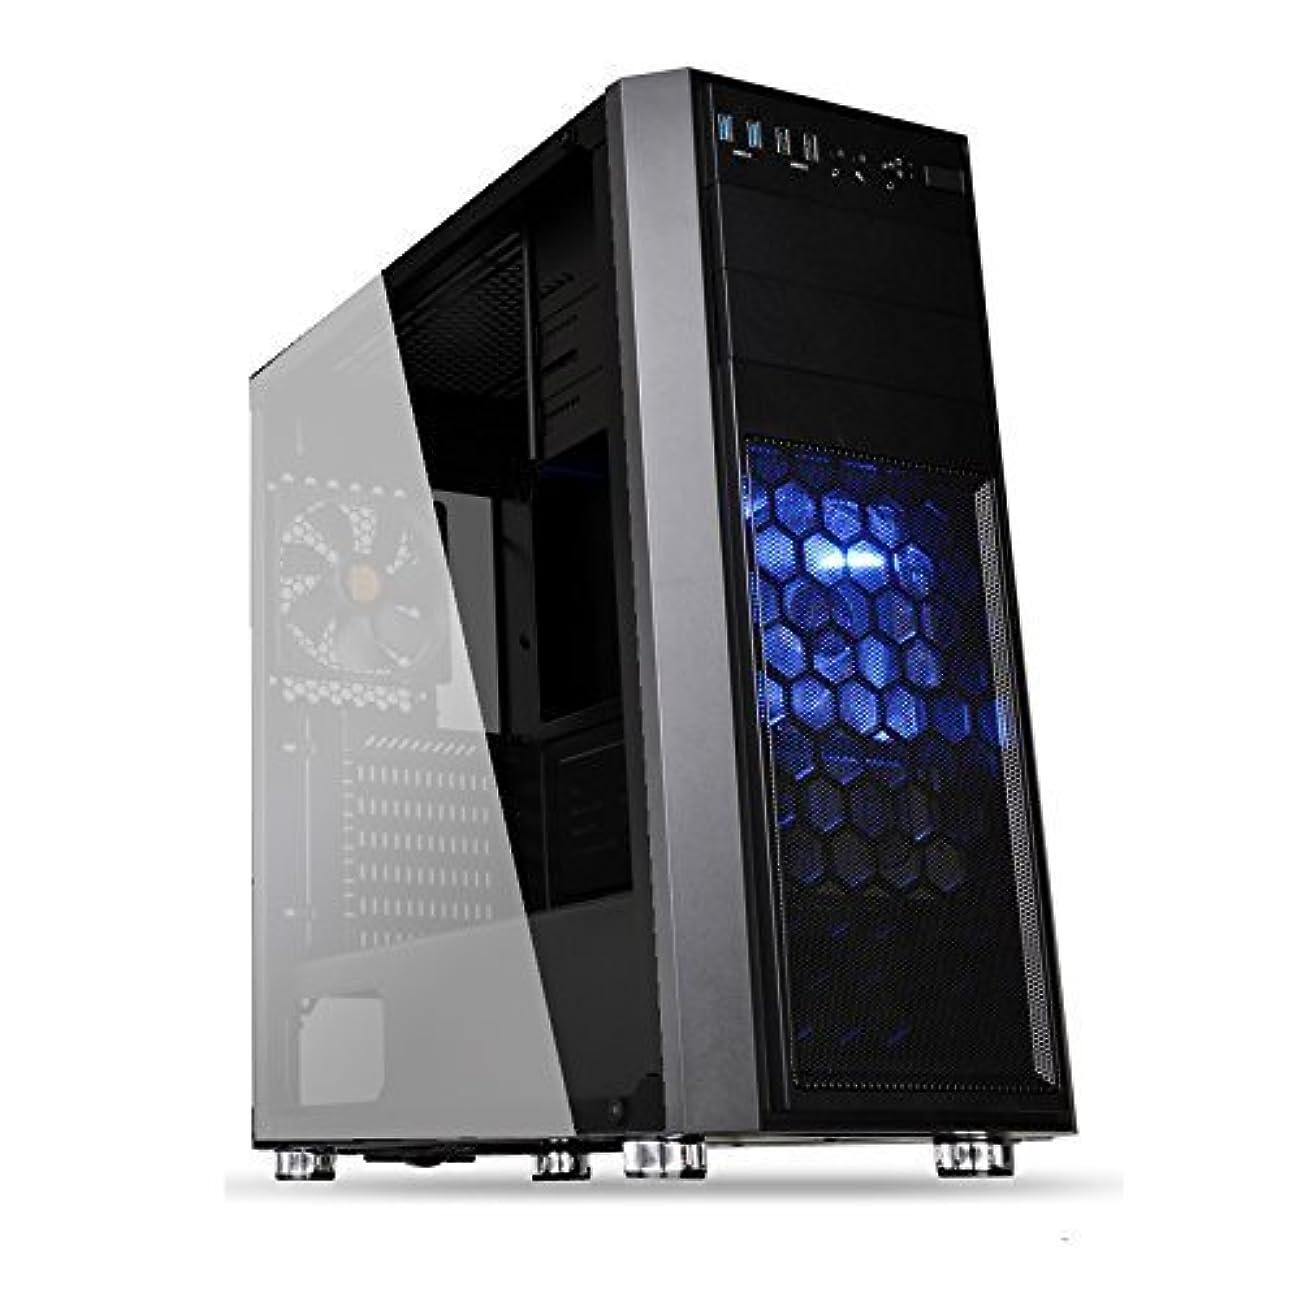 本を読むモーション泣き叫ぶPC-TECHゲーミングパソコン 最新9世代 i7 9700F 搭載 / RTX2070 8GB 搭載 / メモリー16GB / SSD 240GB / HDD 2TB / DVDドライブ / 600W 80Plus / windows10 pro (RTX 2070(8GB), Versa H24(ブラック))